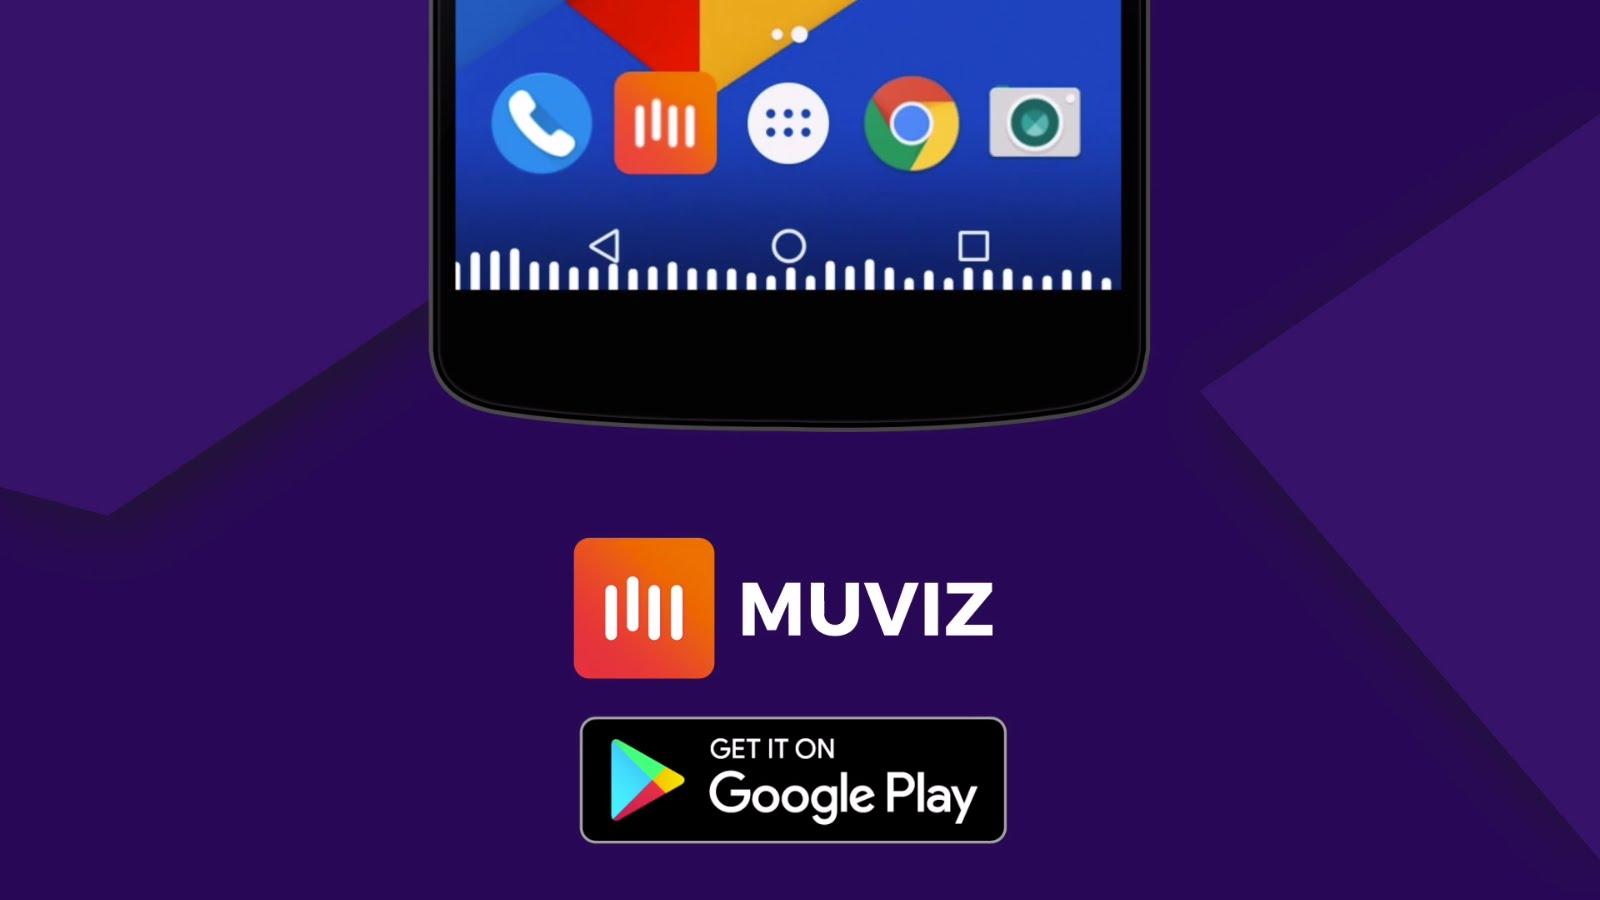 تطبيق MUVIZ لإضافة مؤثرات تفاعلية عند تشغيل الفيديو والموسيقى